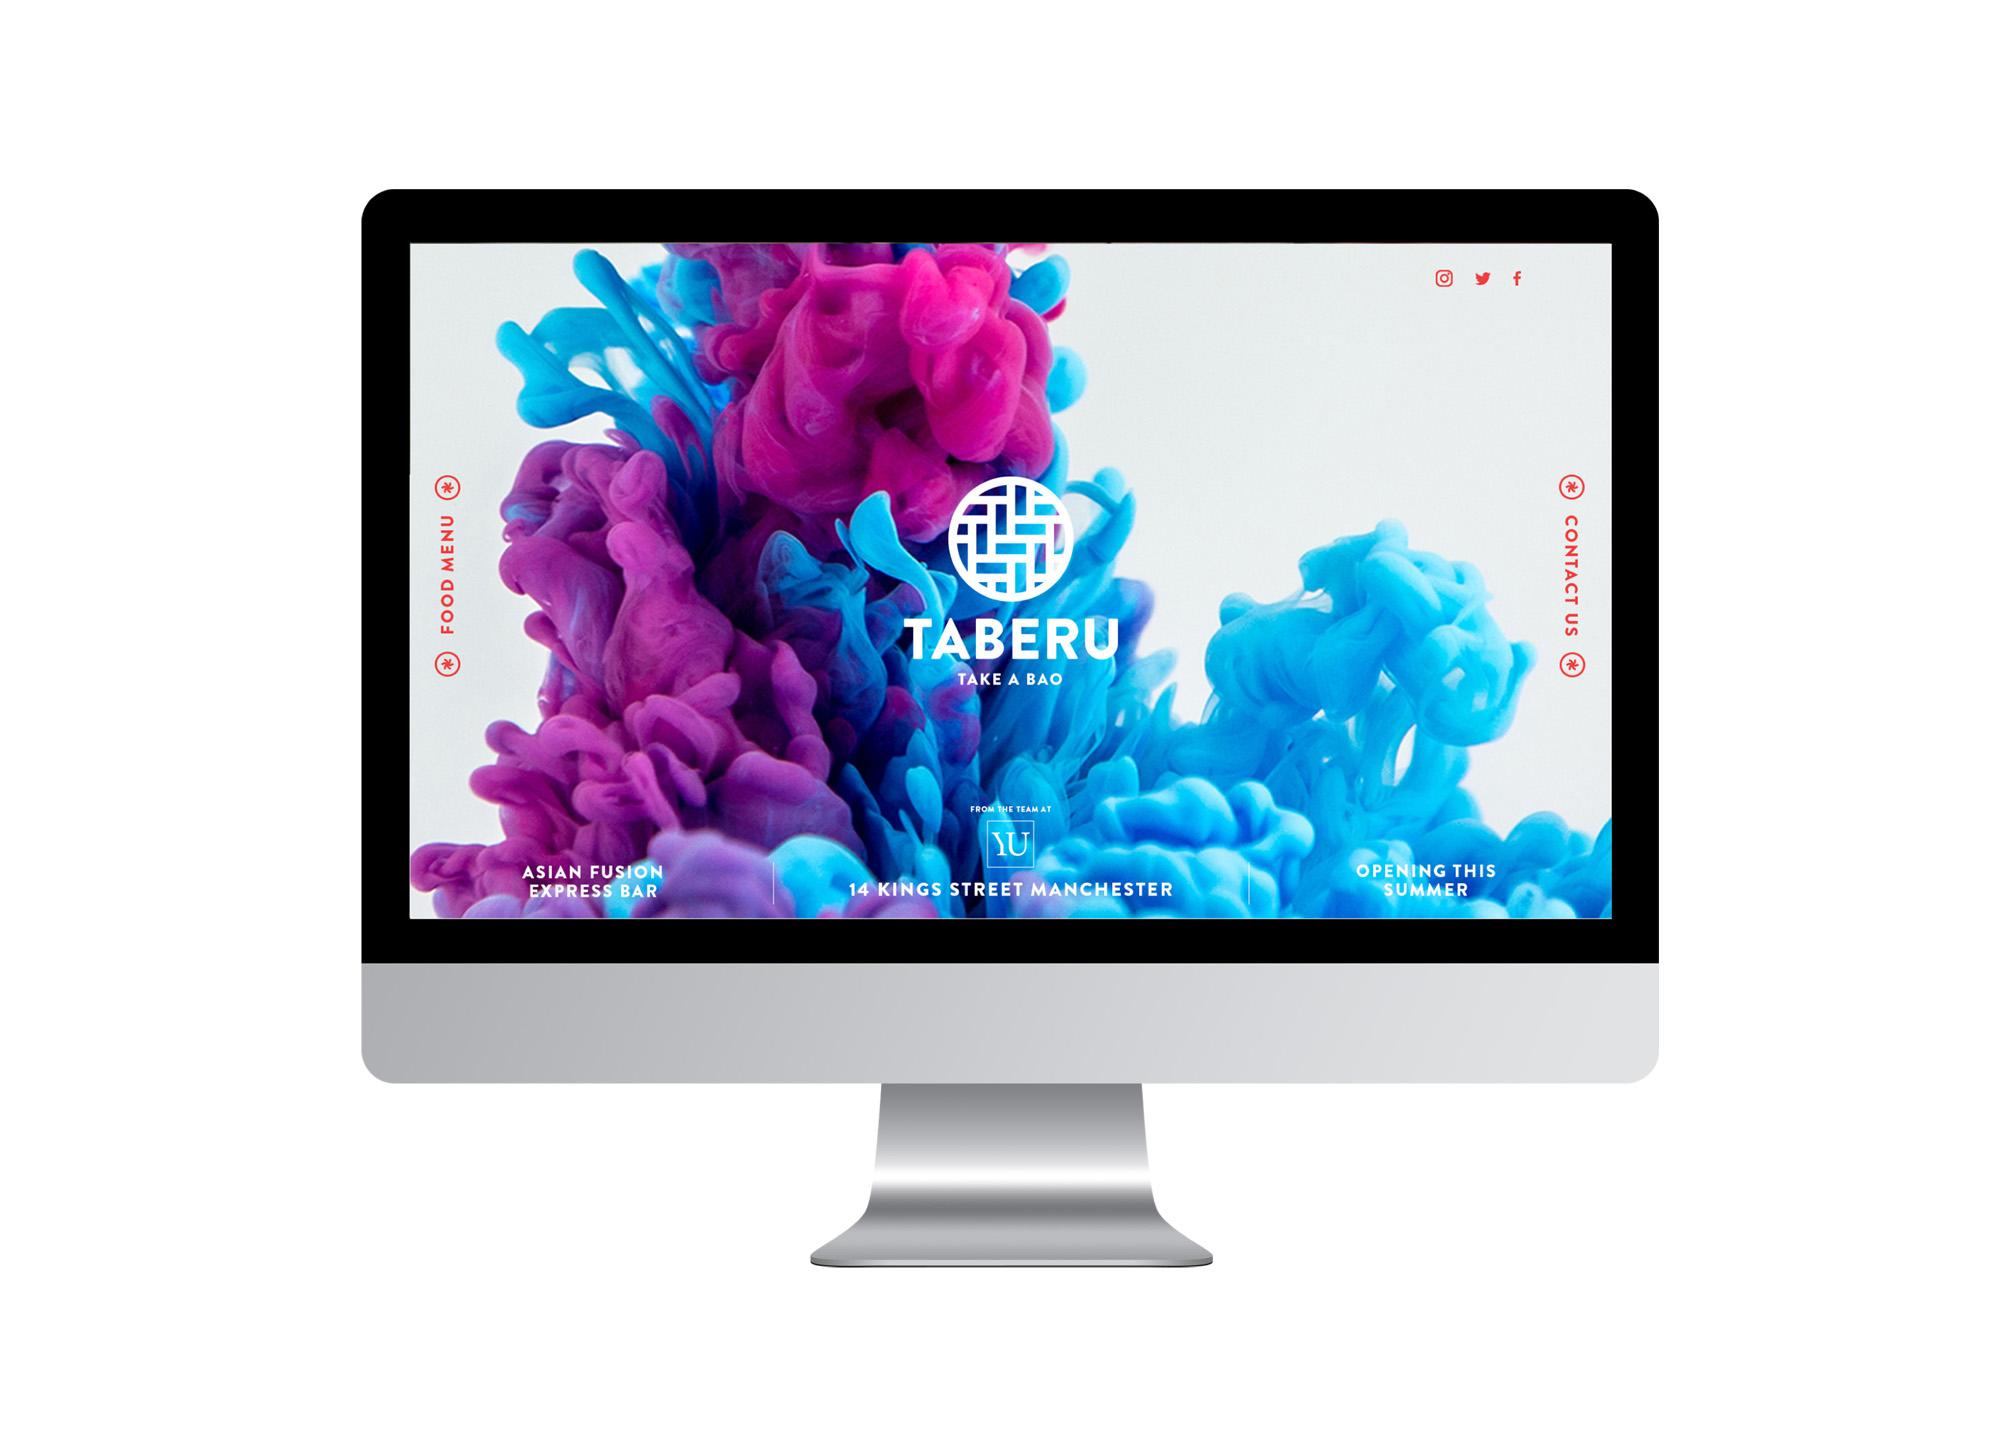 Taberu_Landing_Page.jpg